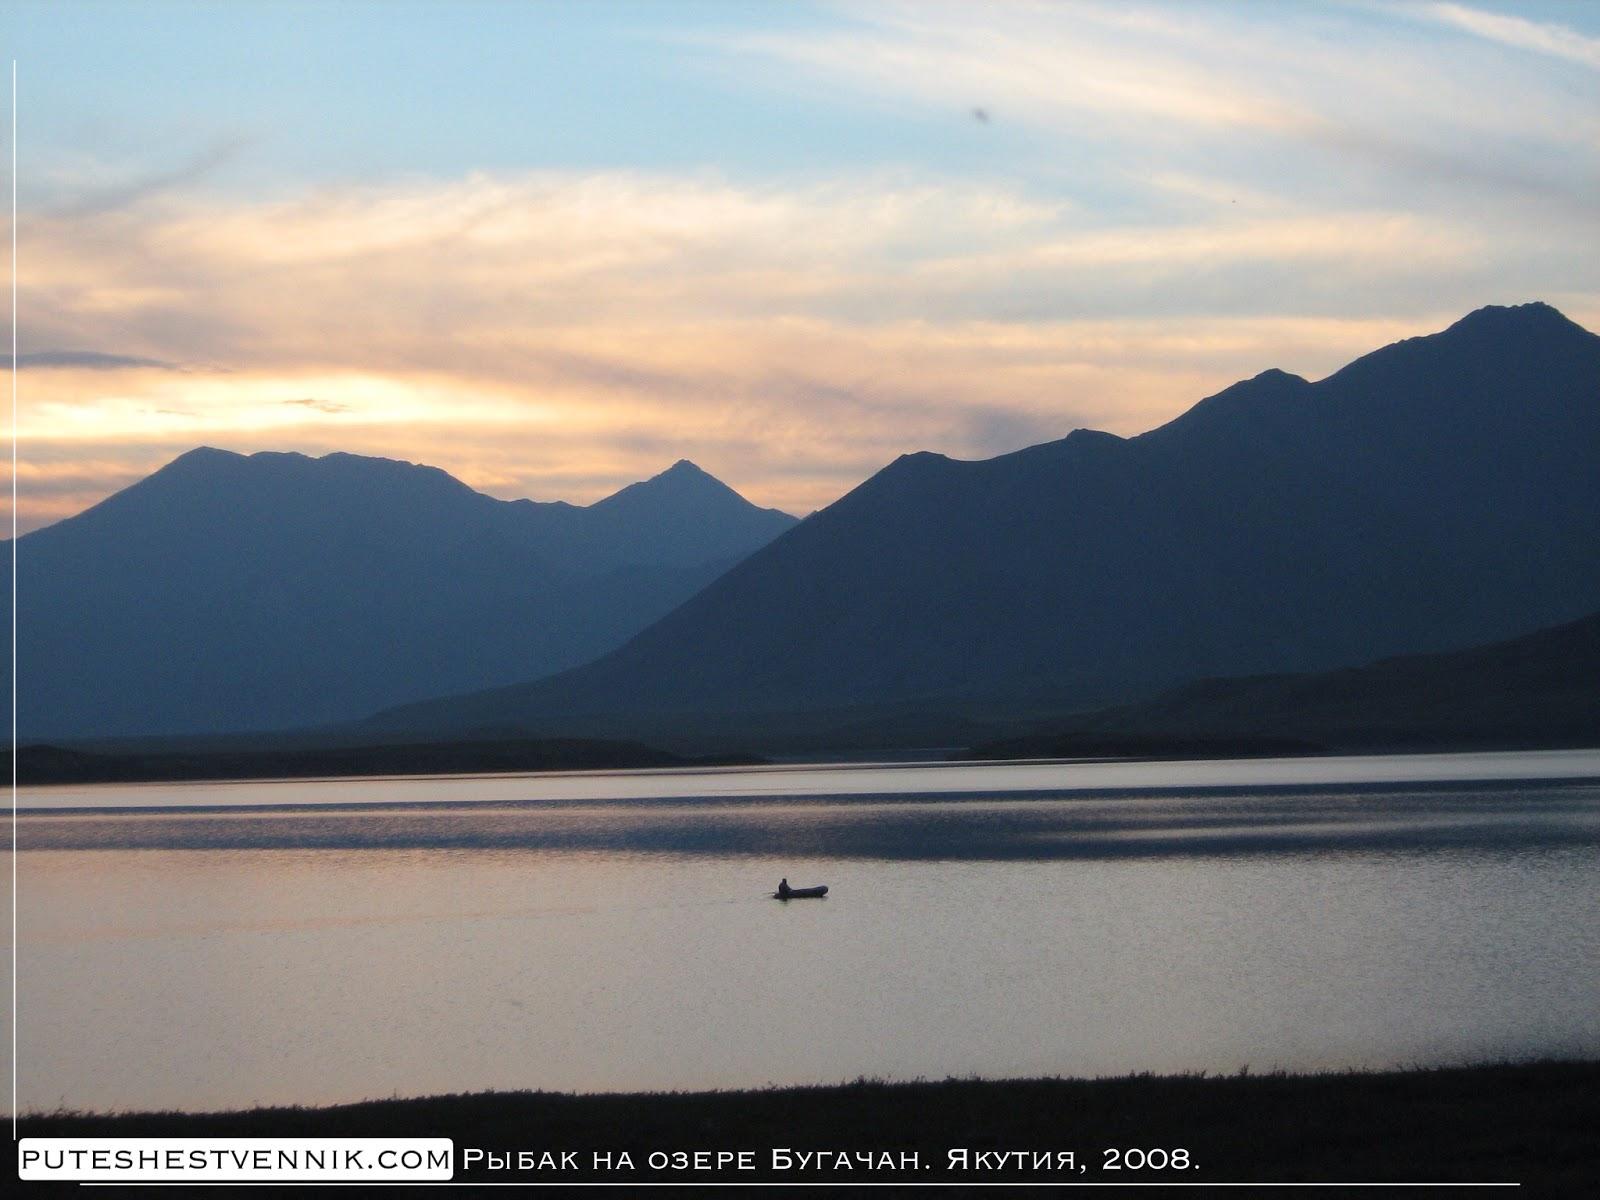 Рыбак в лодке на озере Бугачан и горы